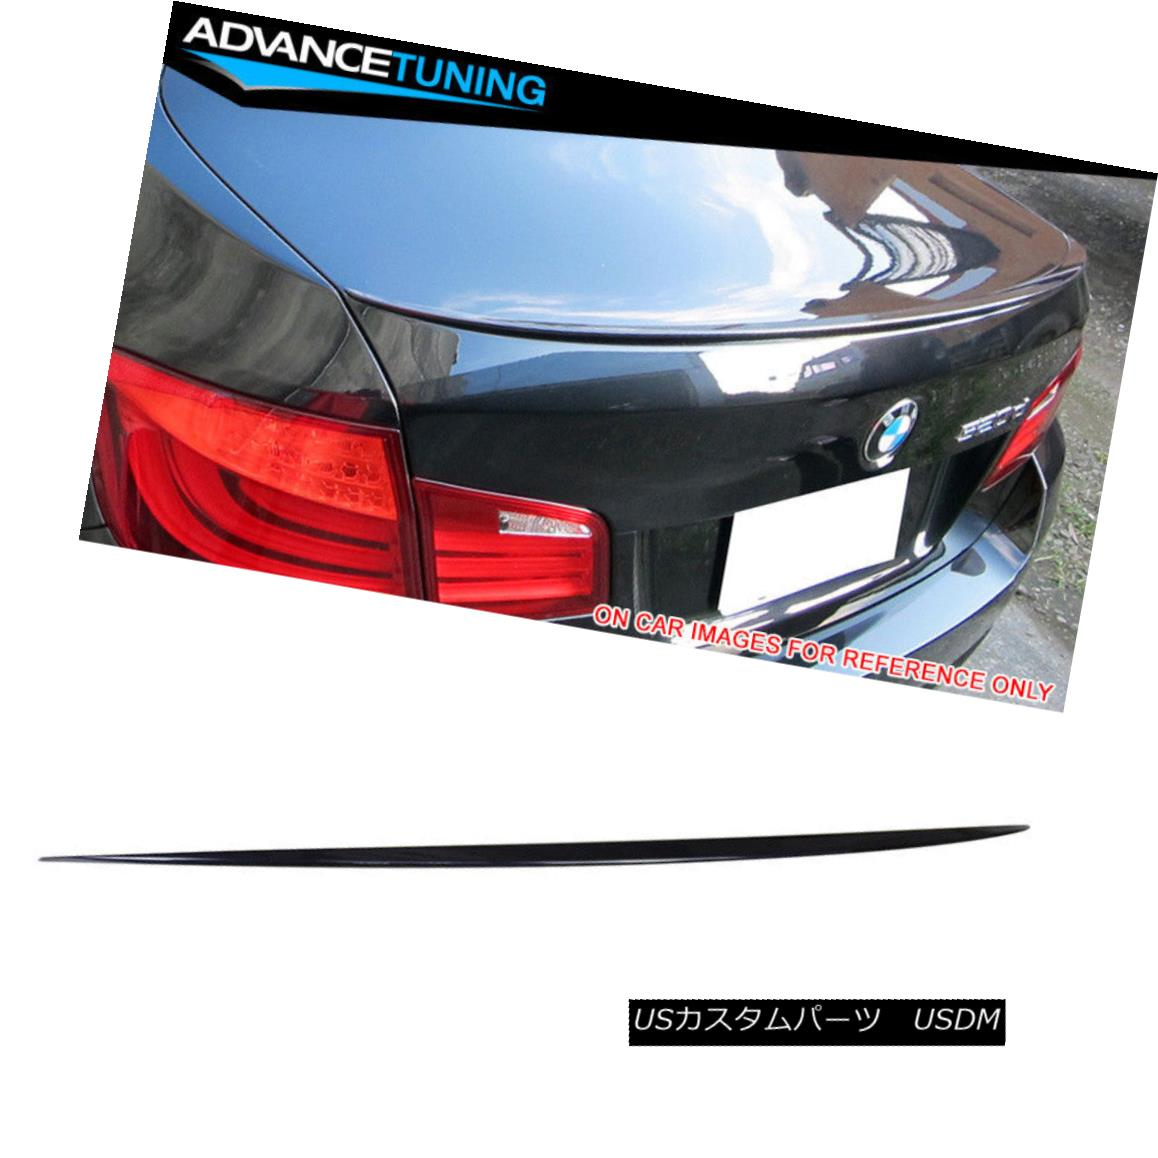 エアロパーツ Fits 11-16 5-Series F10 M5 Trunk Spoiler OEM Painted #A89 Imperial Blue Pearl フィット11-16 5シリーズF10 M5トランク・スポイラーOEM塗装#A89インペリアル・ブルー・パール